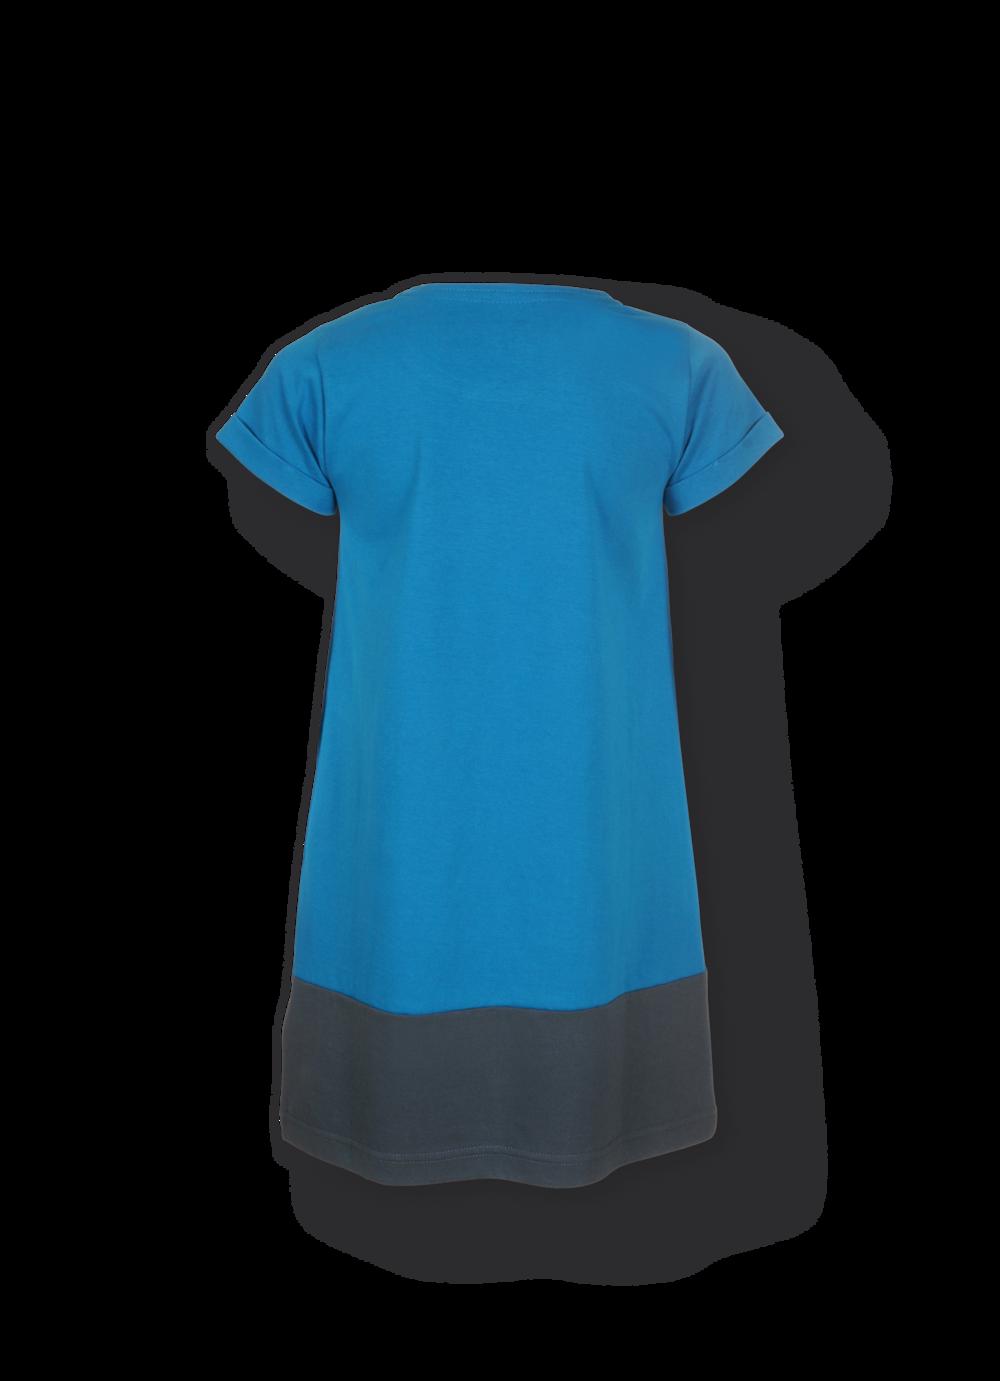 _-farbenfroh-blue-back-FS19.png